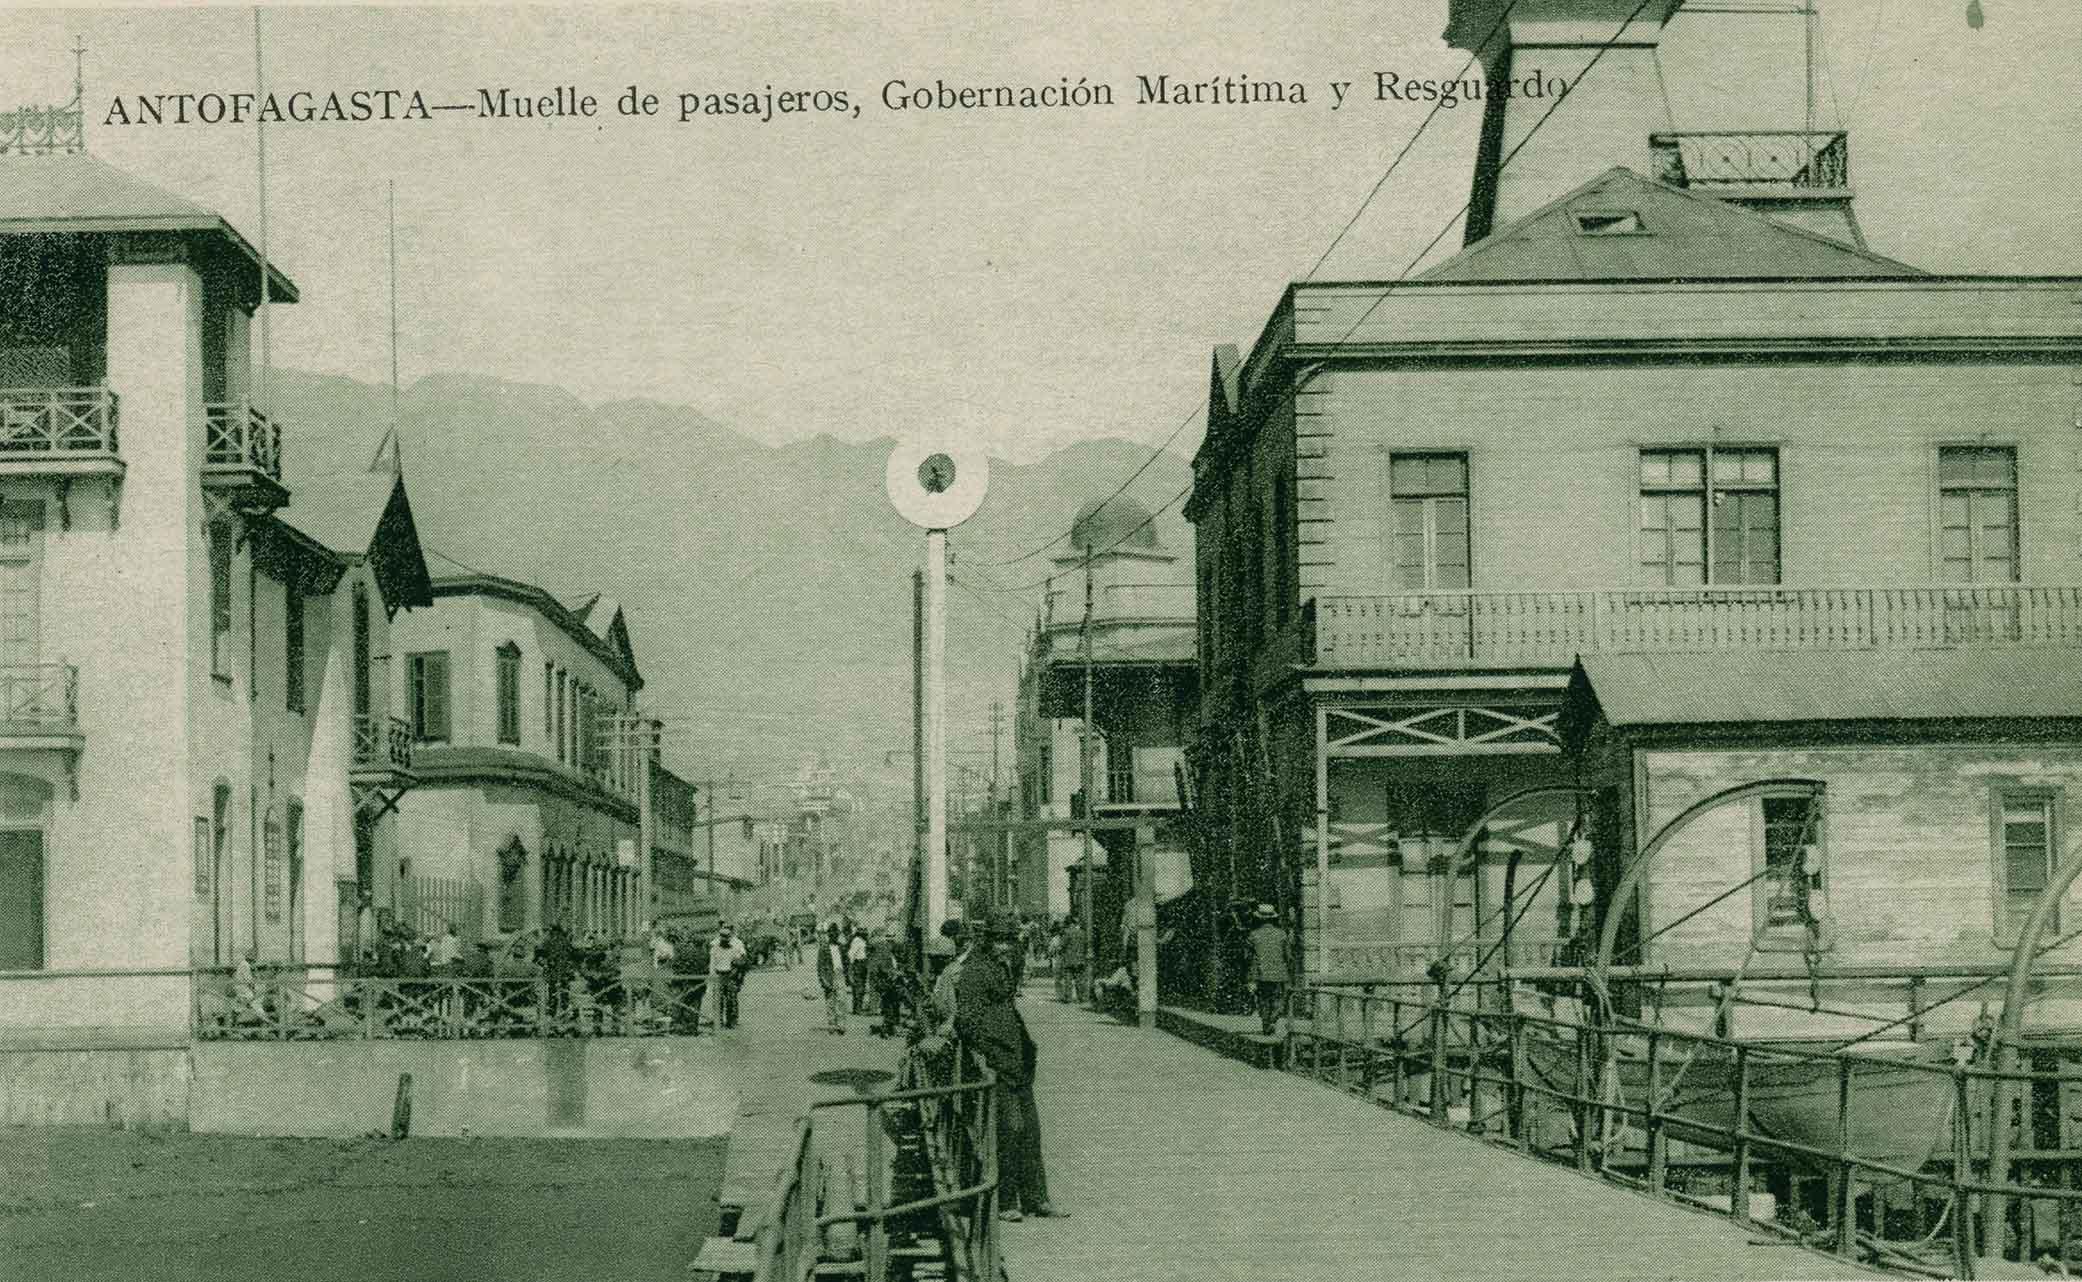 Enterreno - Fotos históricas de chile - fotos antiguas de Chile - Muelle de pasajeros de Antofagasta ca. 1910